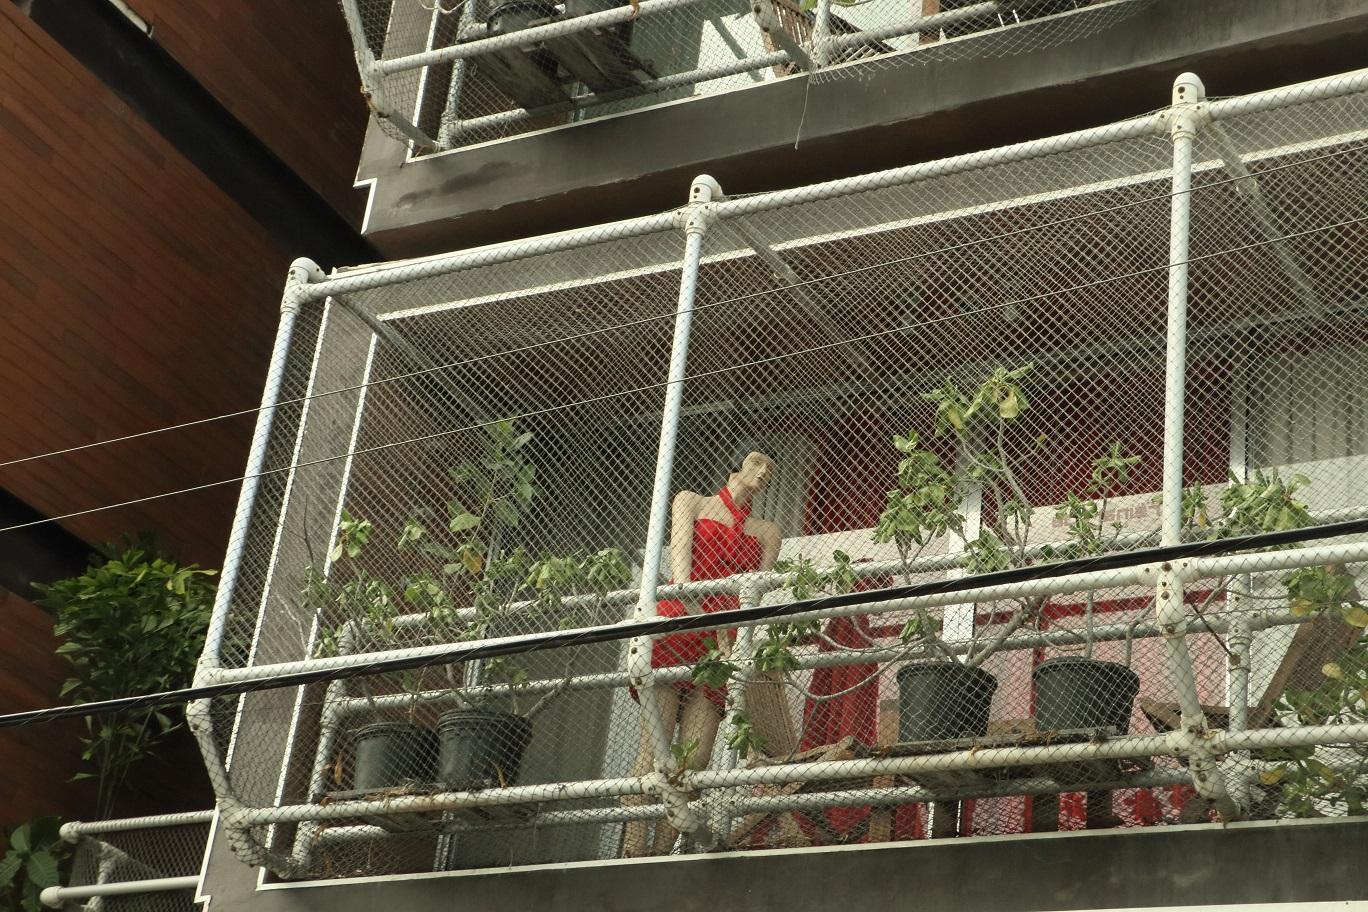 Fura hotel. Nincs racionális magyarázatunk arra, miért állt minden erkélyen vörös ruhás guminő